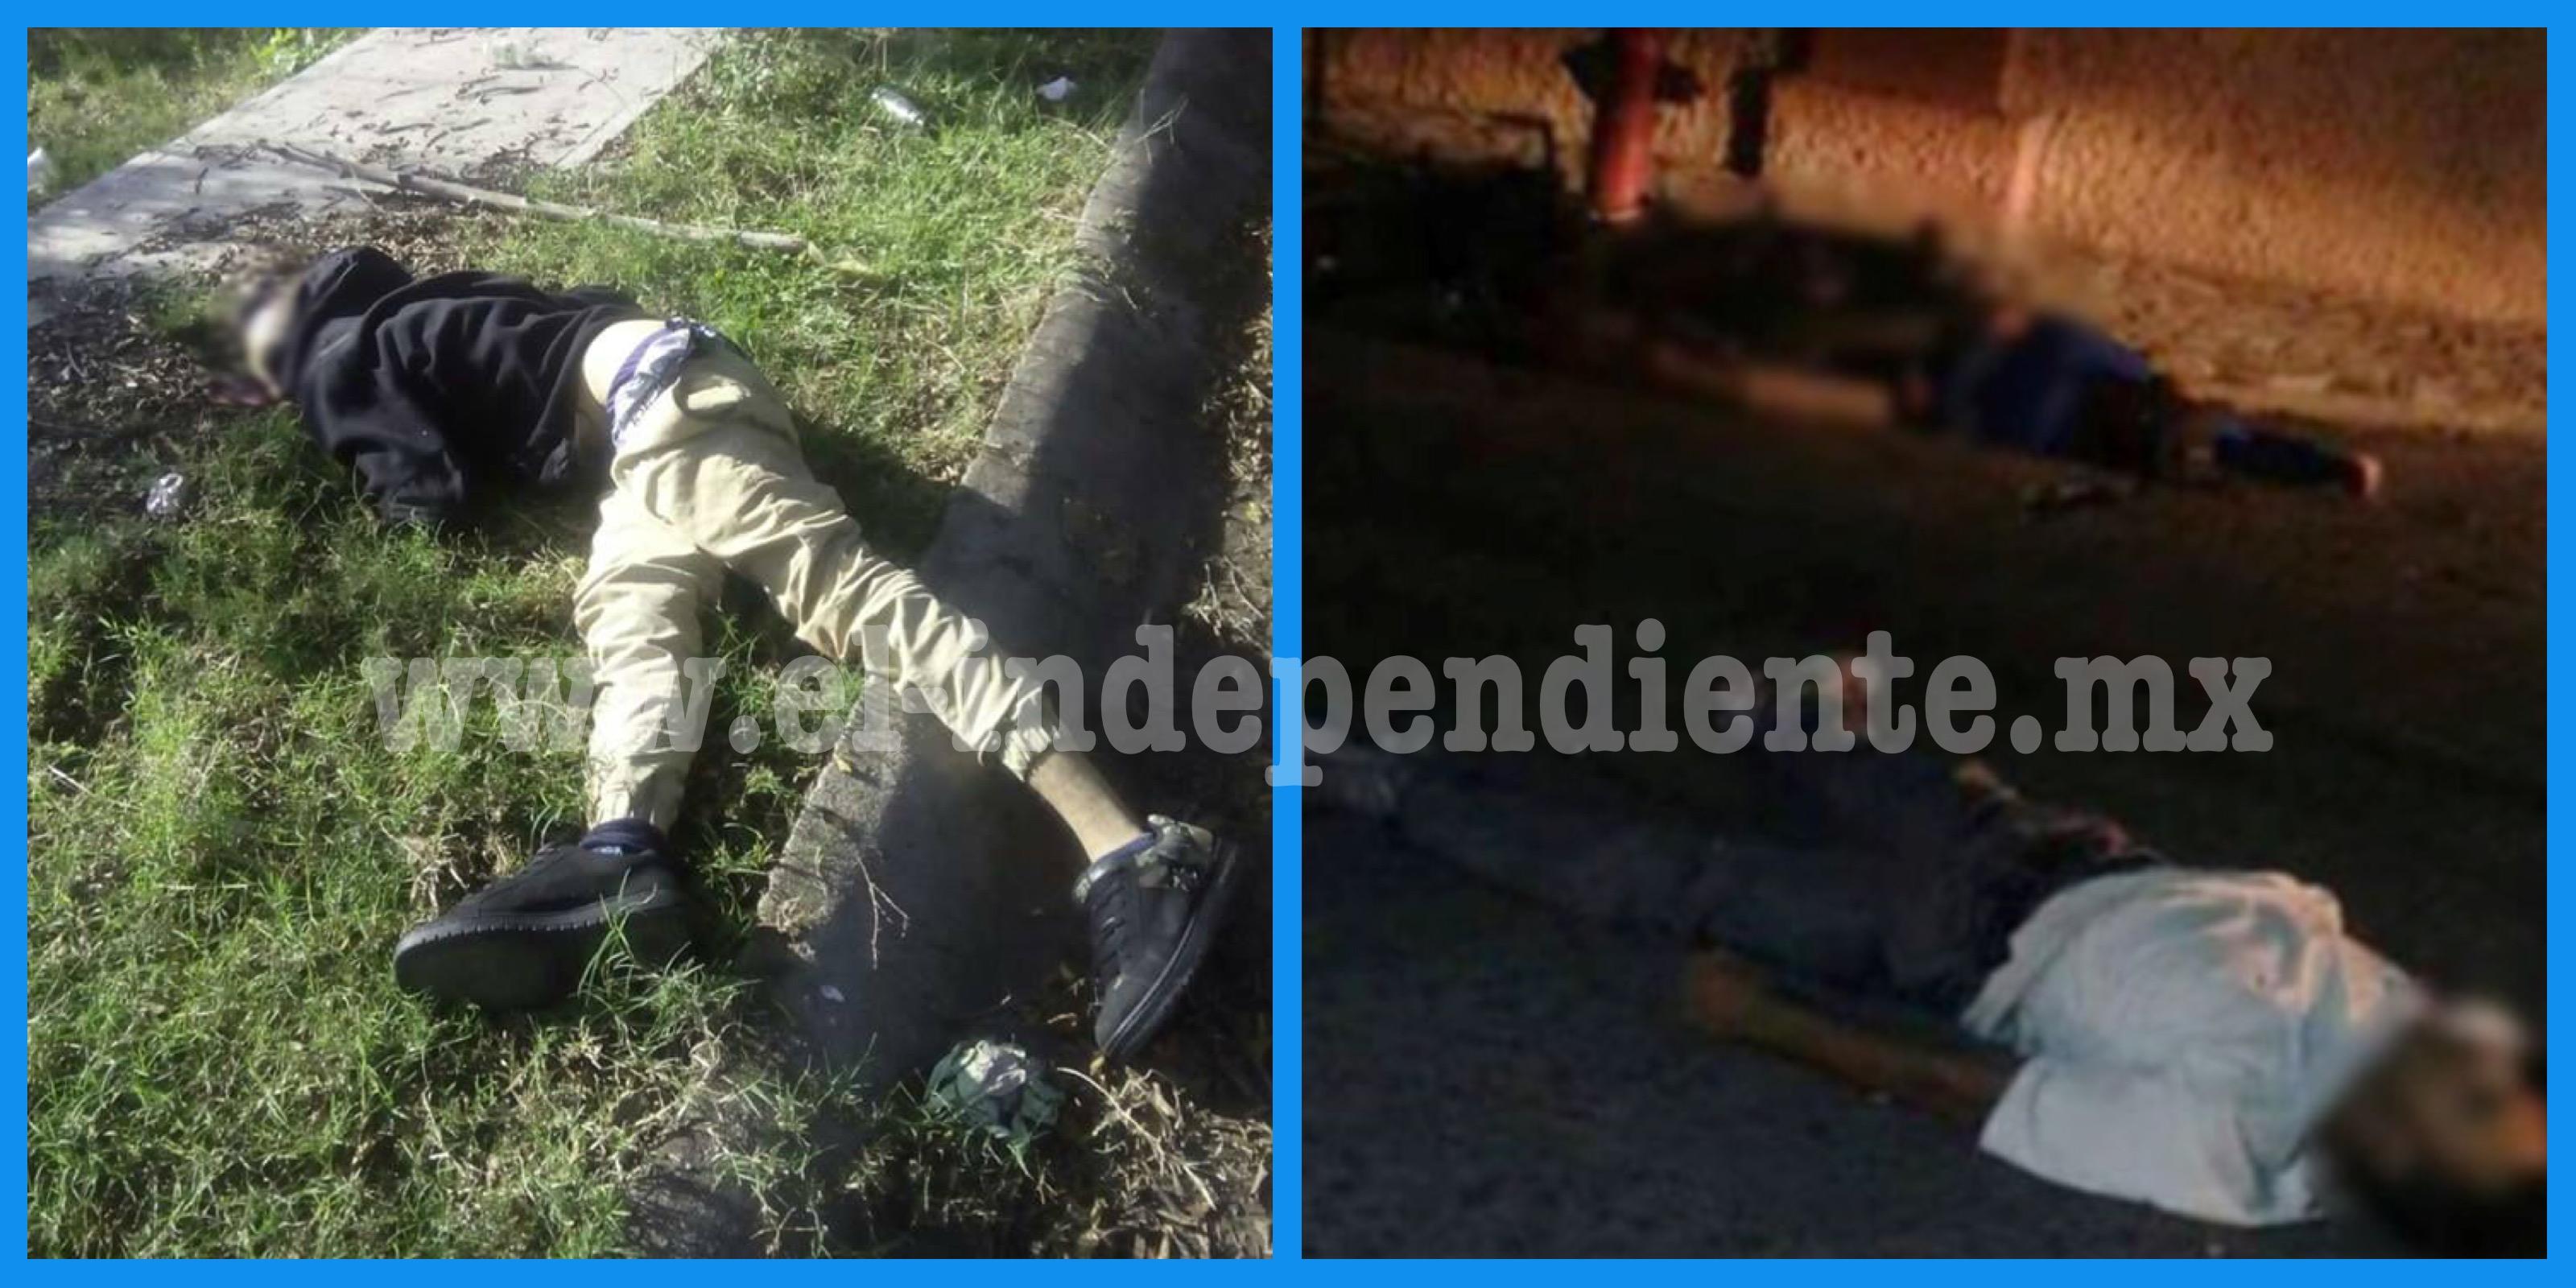 En menos de 12 horas se registran tres muertes violentas en Sahuayo